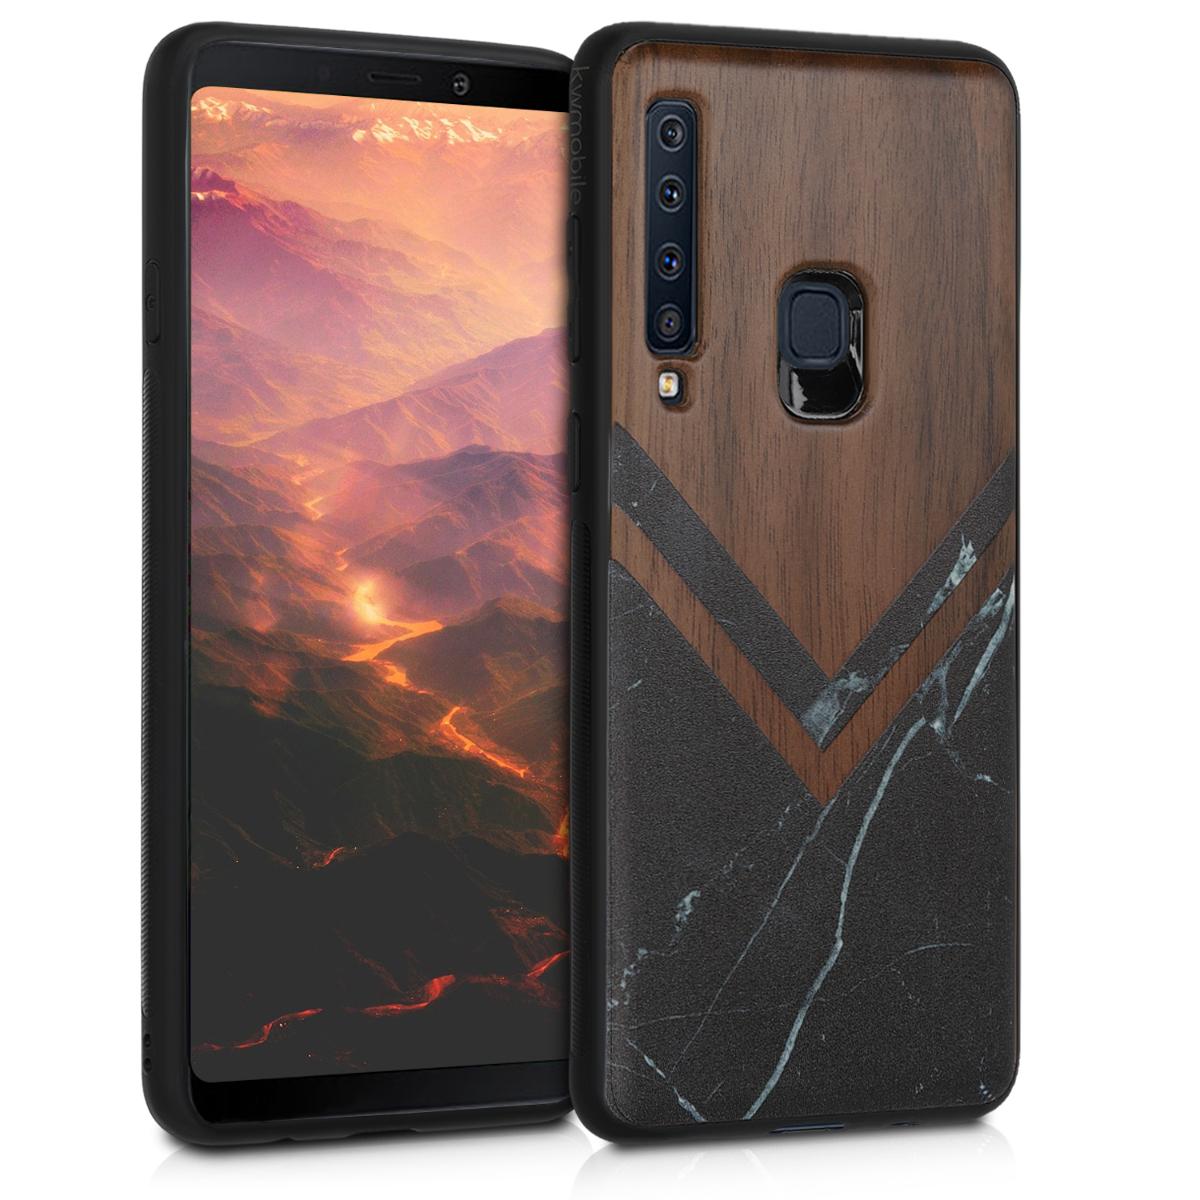 KW Σκληρή Ξύλινη Θήκη Samsung Galaxy A9 2018 - Wood and Marble (47241.03)